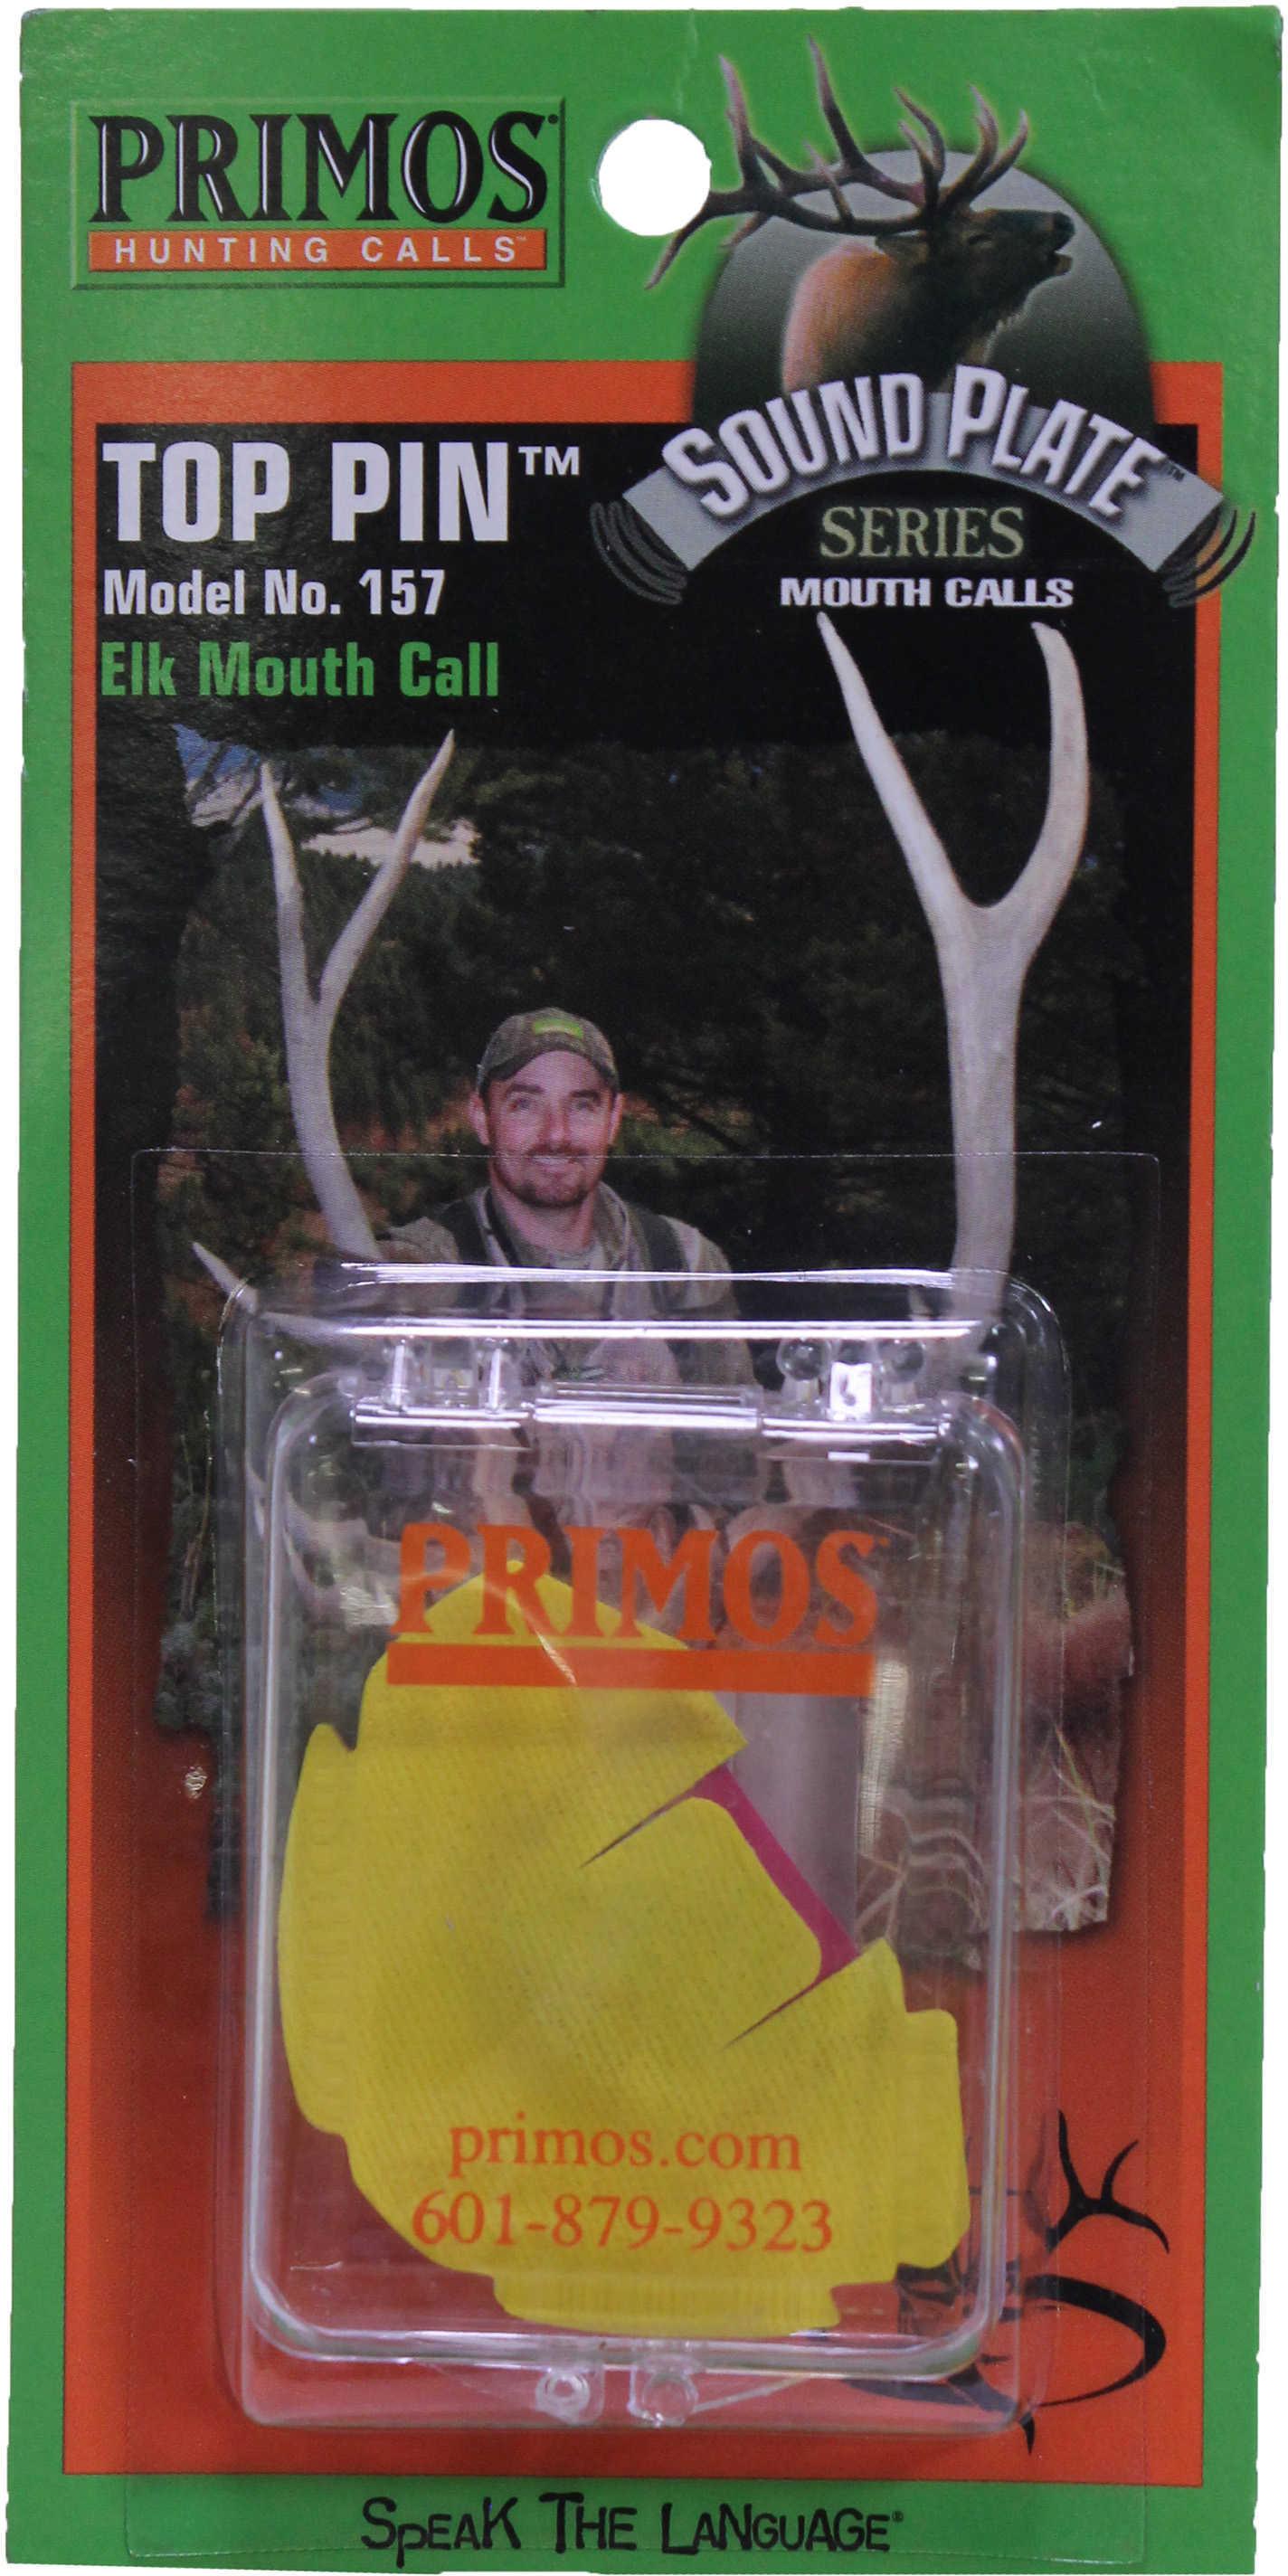 Primos Elk Call Top Pin Md: 157